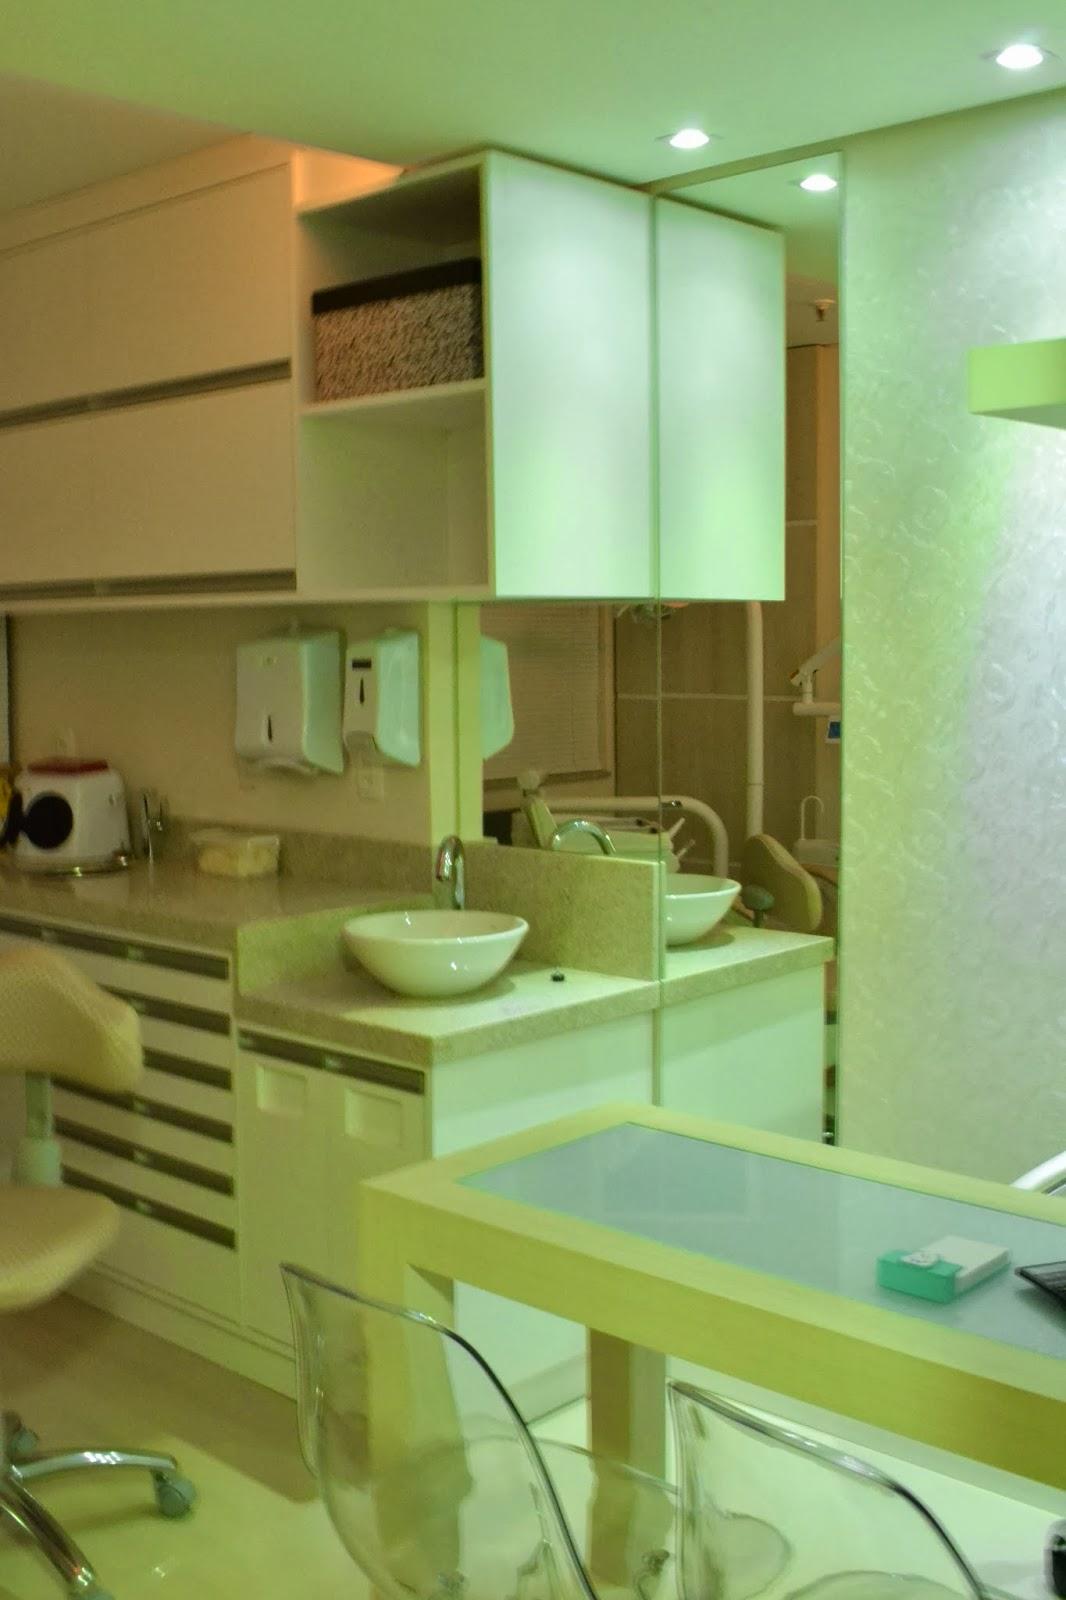 #3E3A12 Corredor de acesso aos consultórios copa e porta de acesso ao  1066x1600 px projeto banheiro adaptado